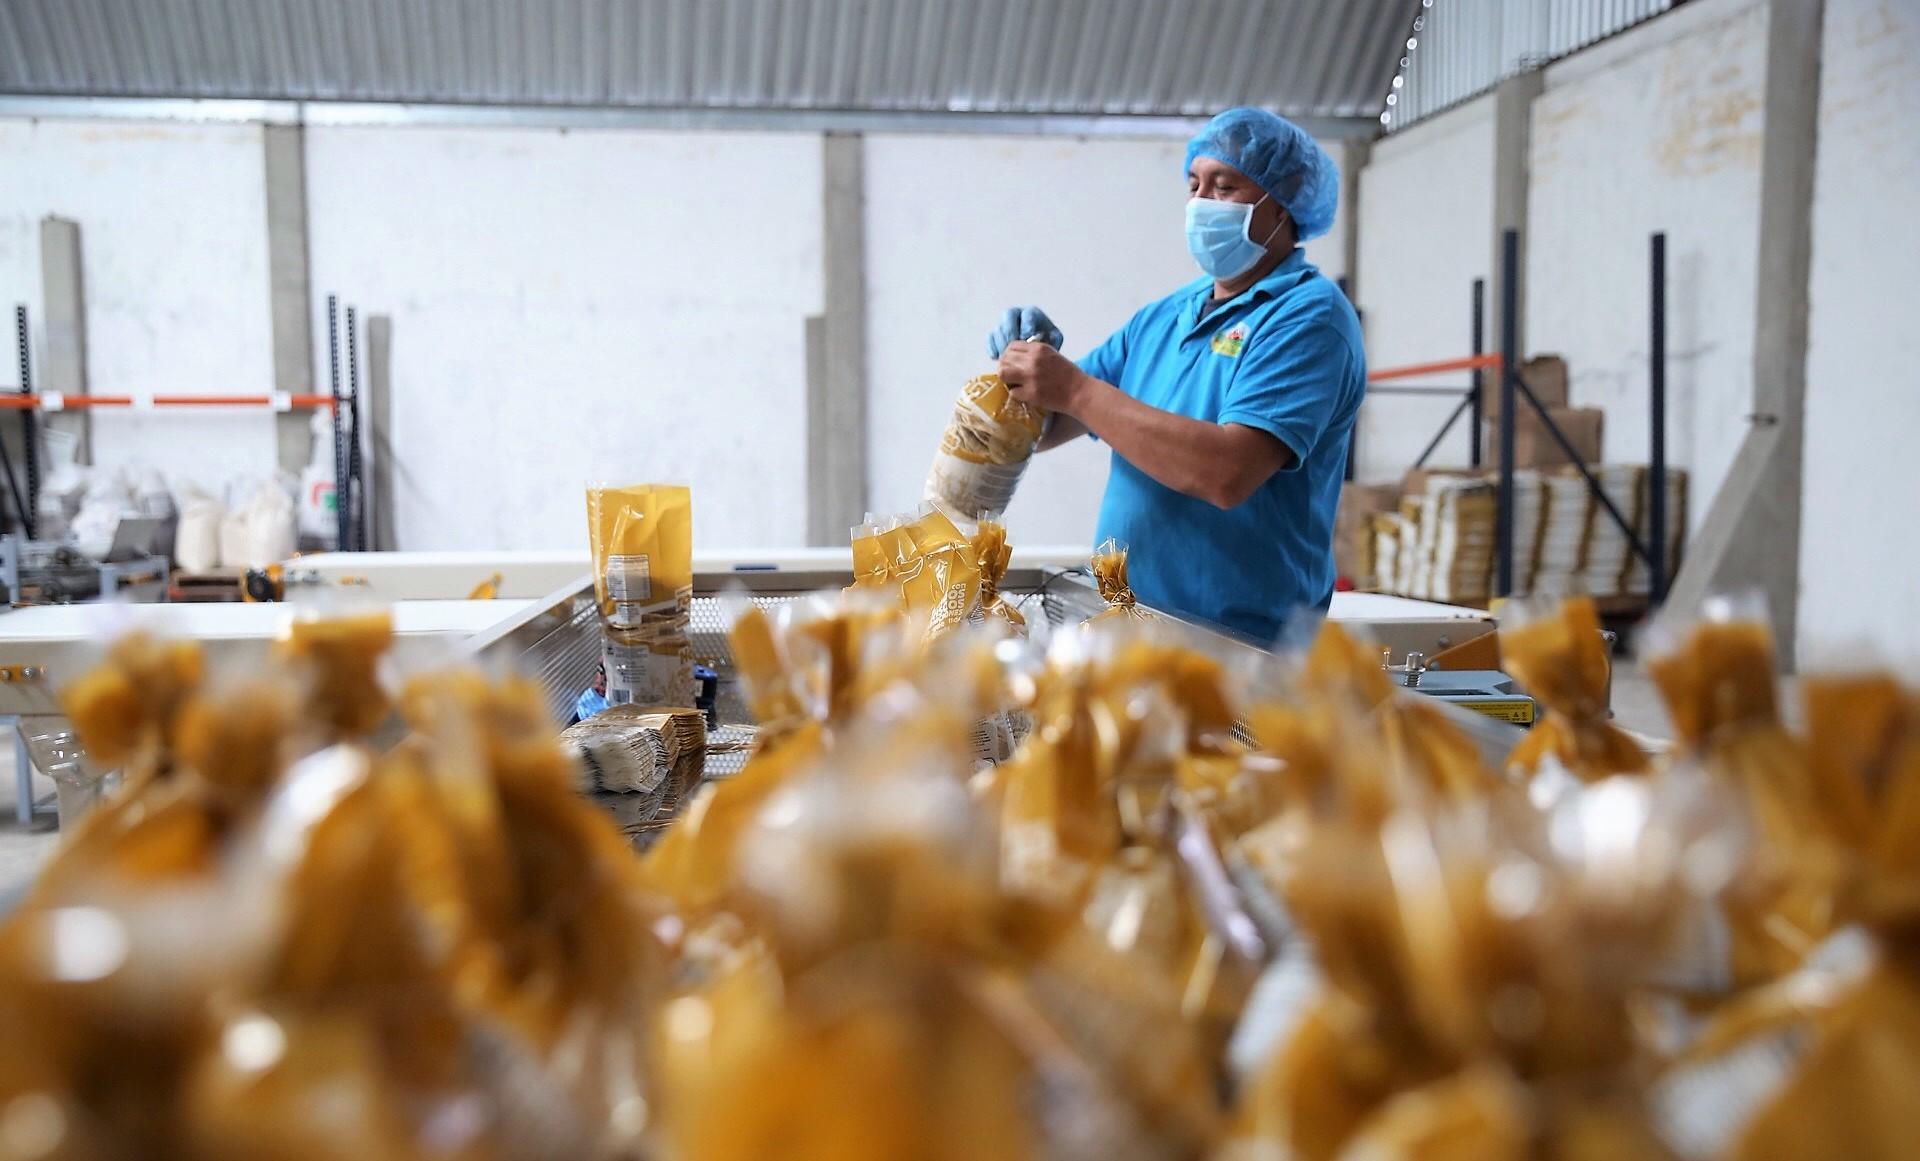 Empleado de la empresa social San Antonio Atotonilco empacando tostadas de maíz horneadas